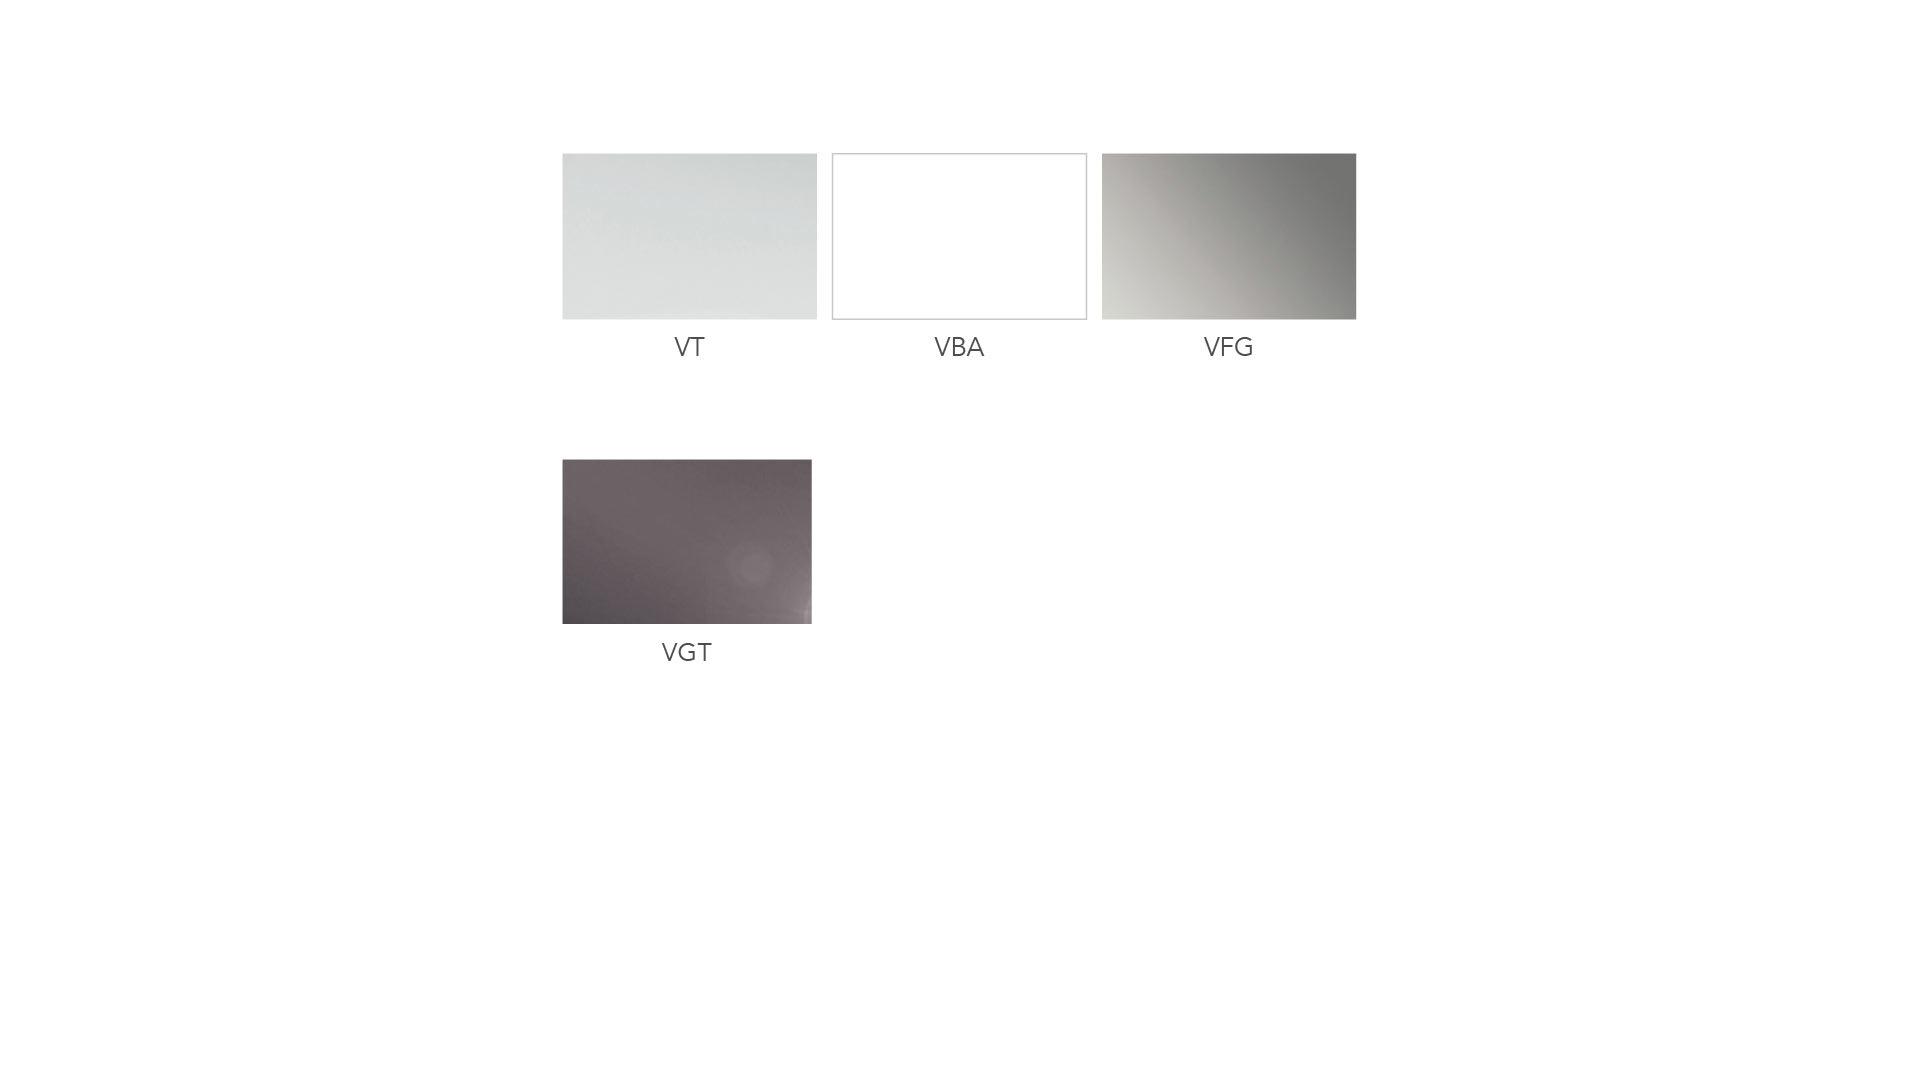 materiali_piani_tavolo_vetro_1920x1080